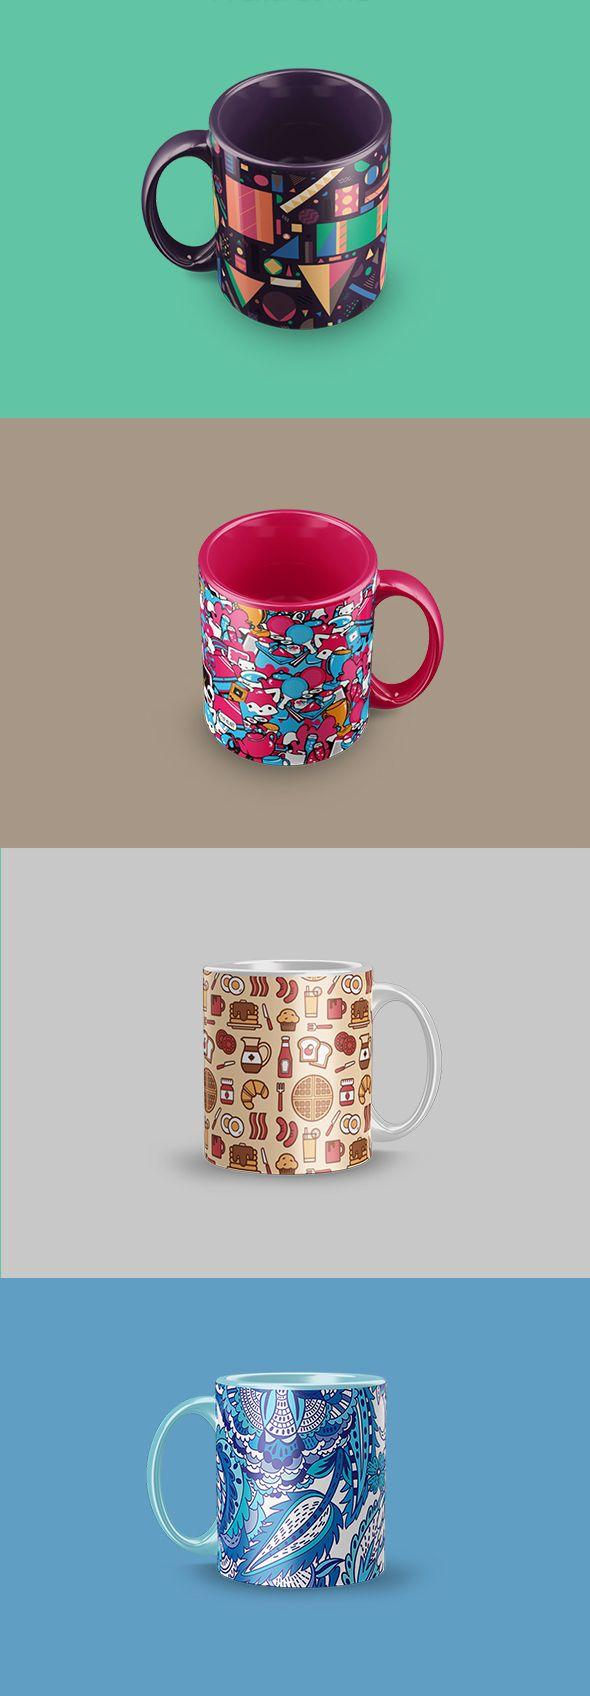 Free Mug Mockup on Behance